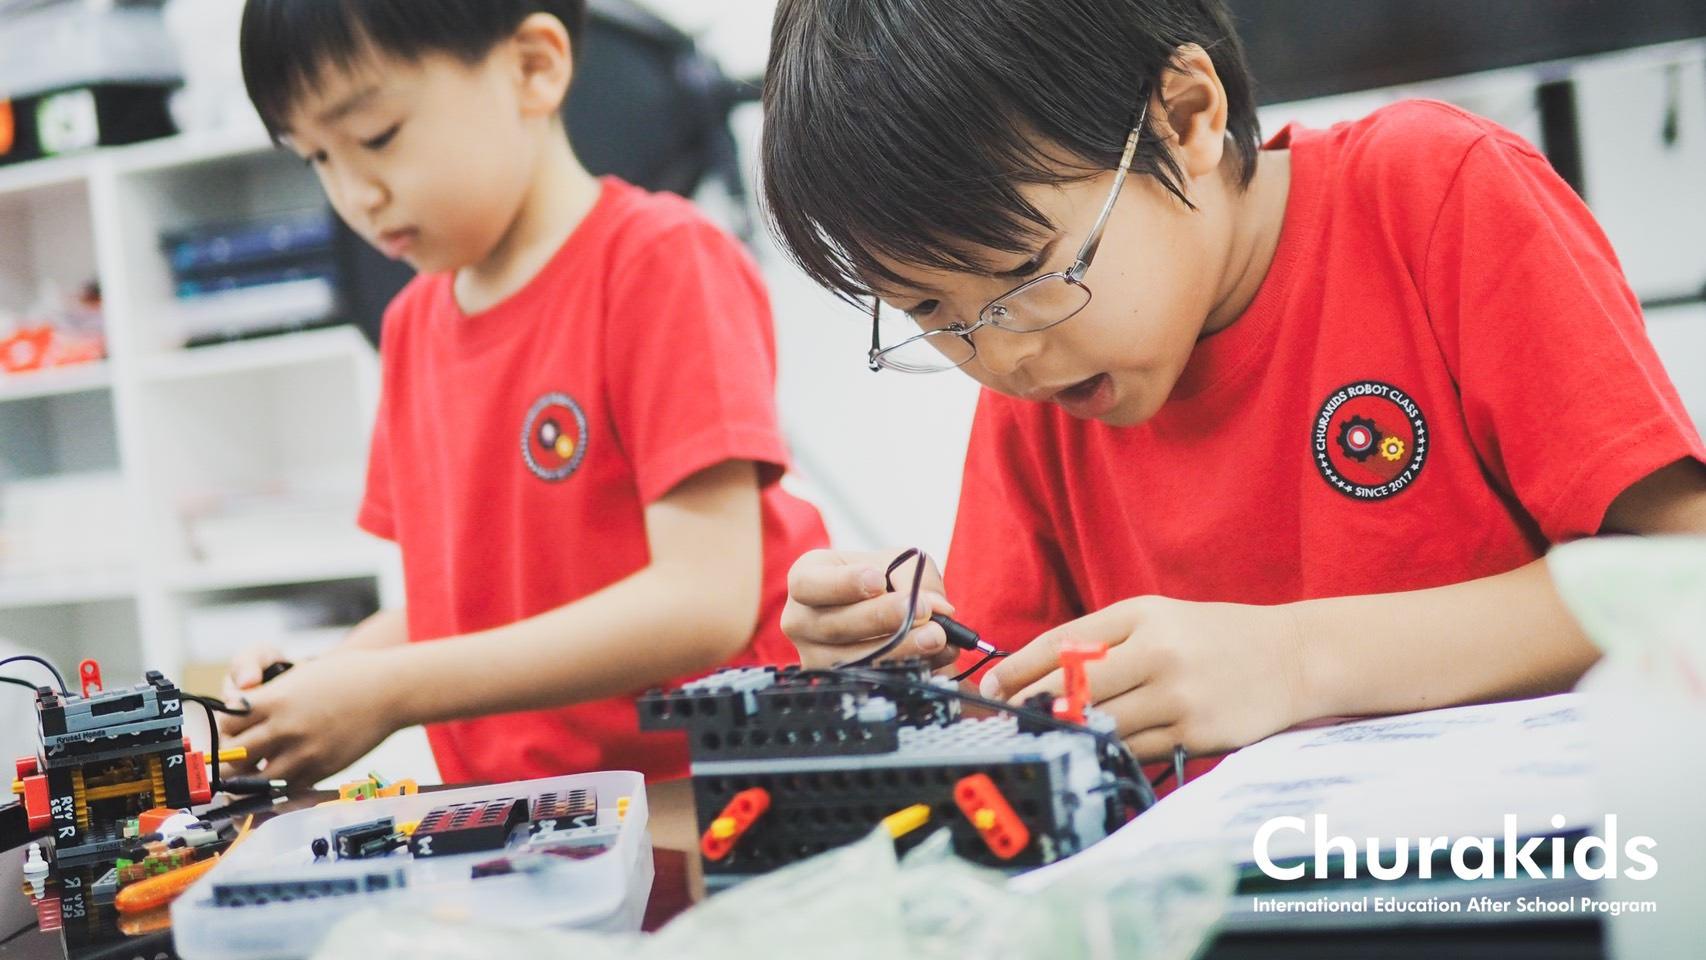 沖縄市の英語ロボット教室 Churakids